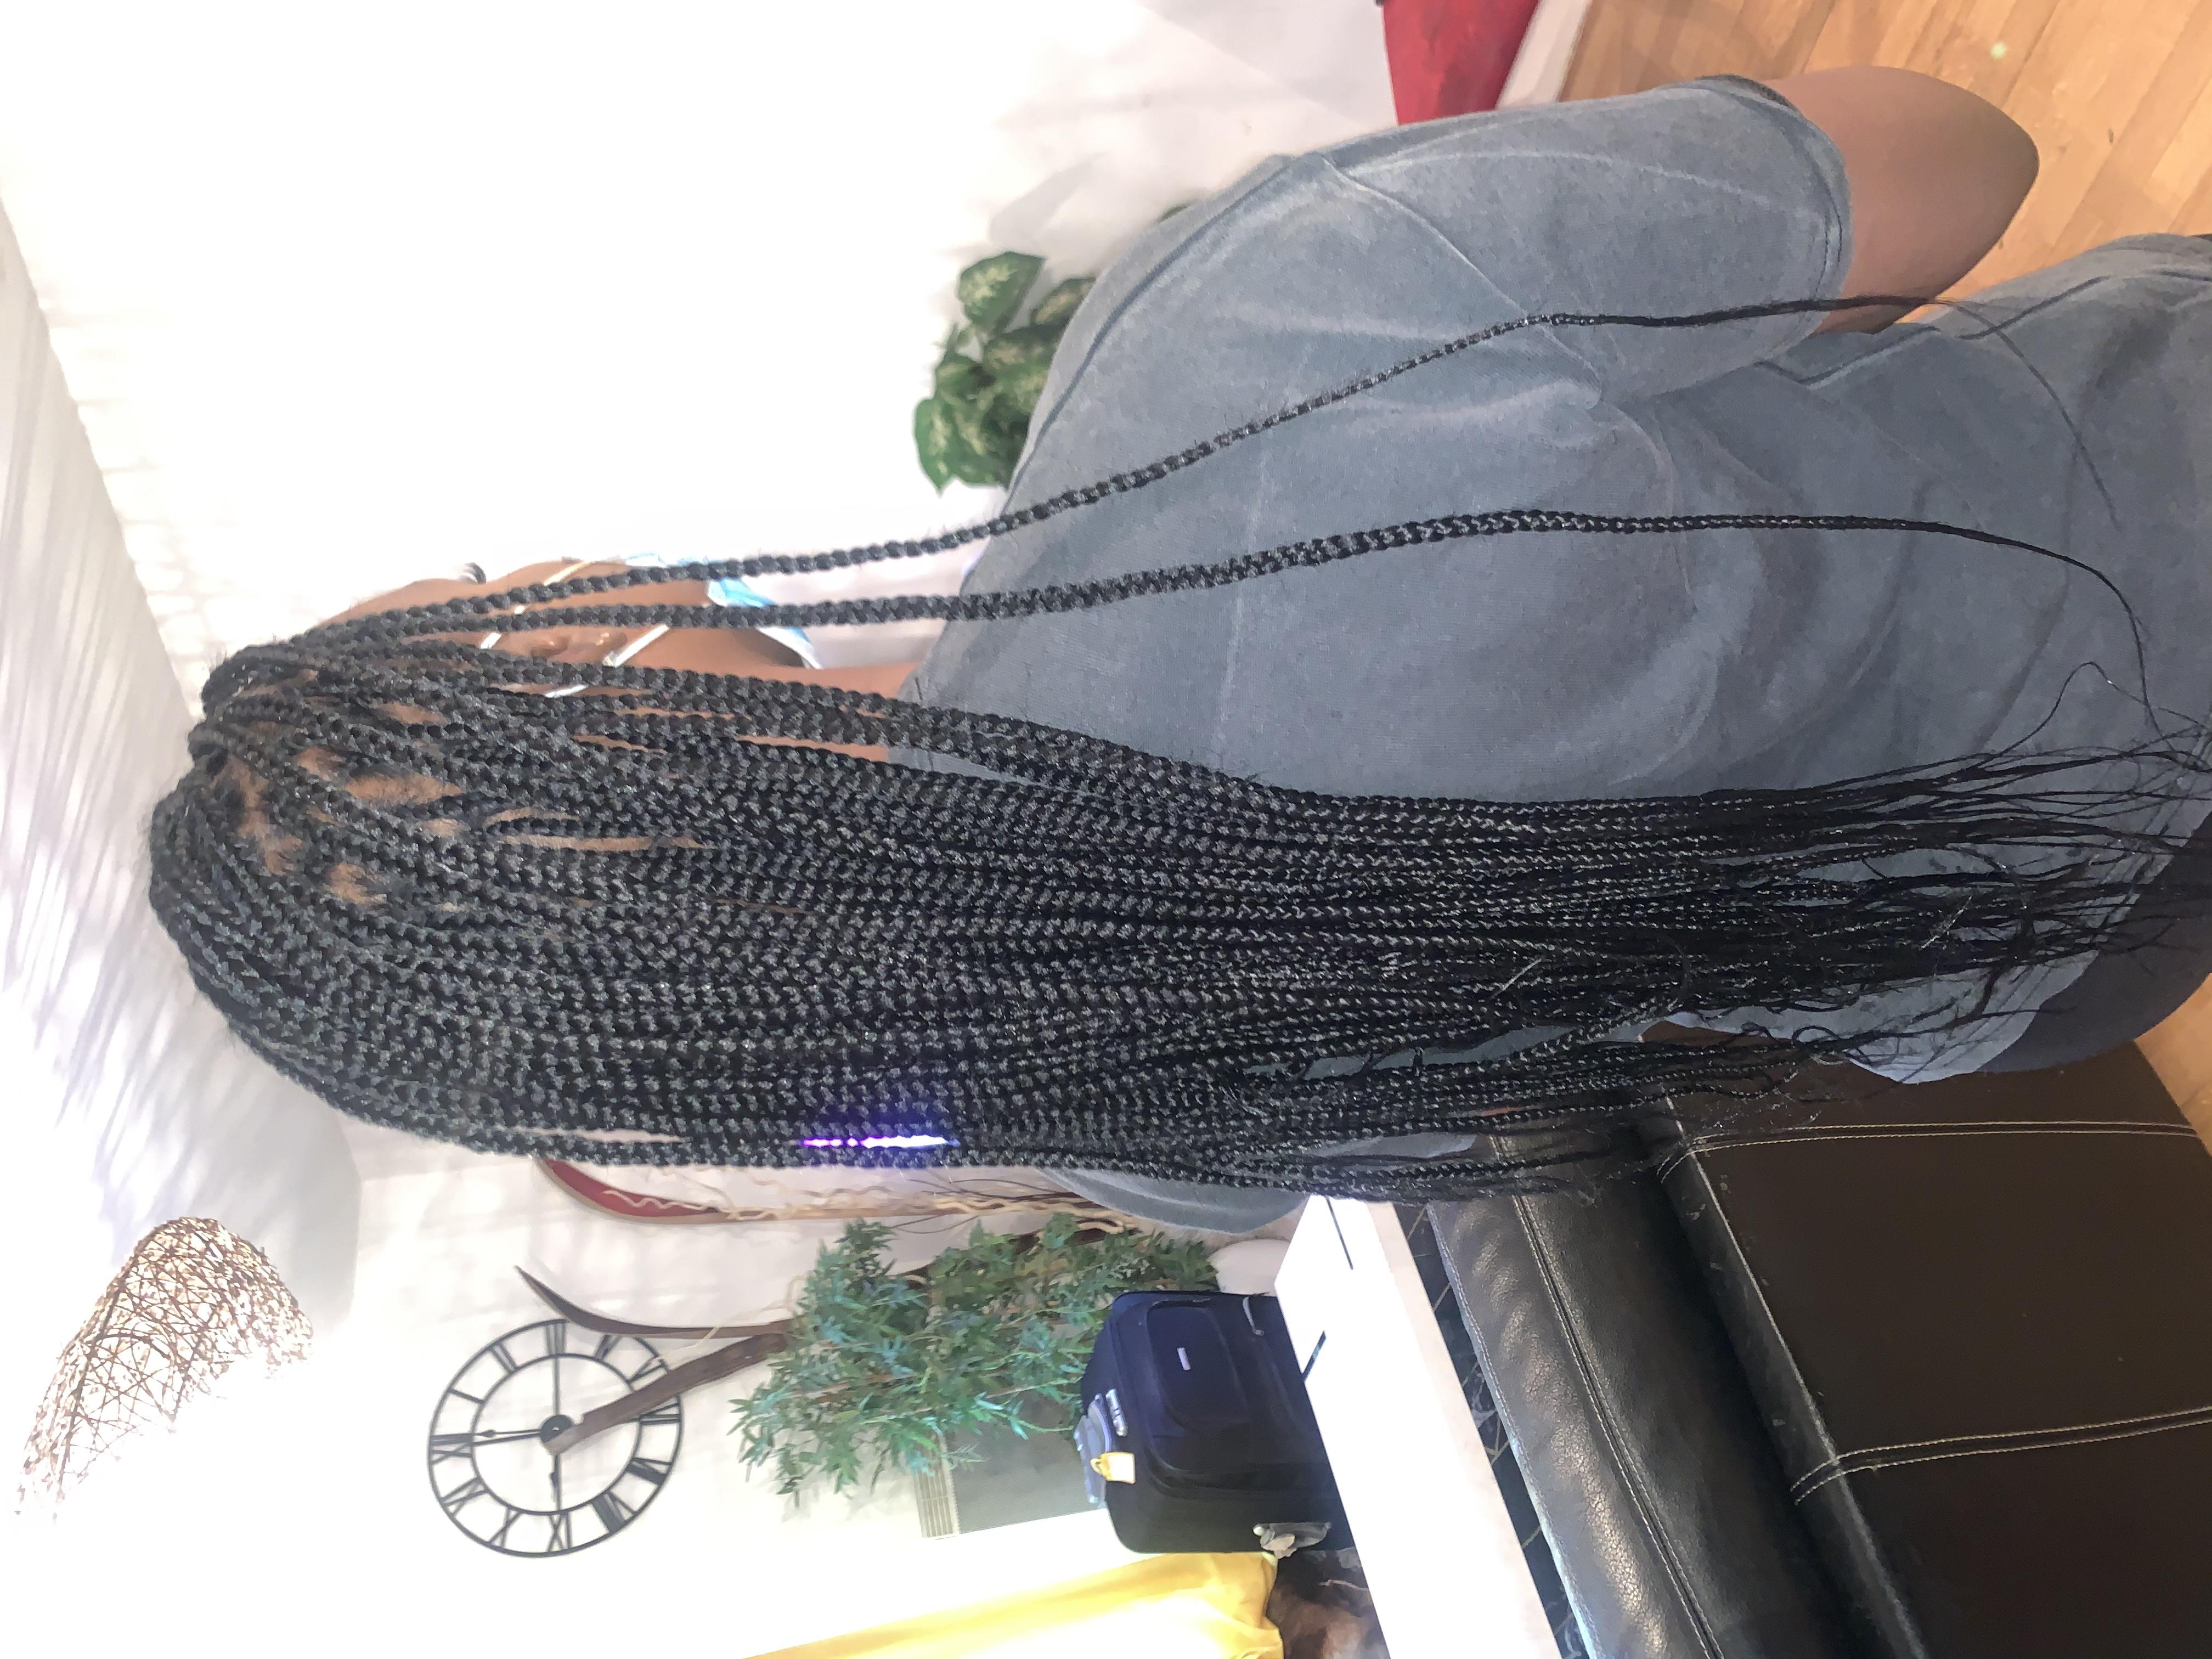 salon de coiffure afro tresse tresses box braids crochet braids vanilles tissages paris 75 77 78 91 92 93 94 95 QOSXWBGK